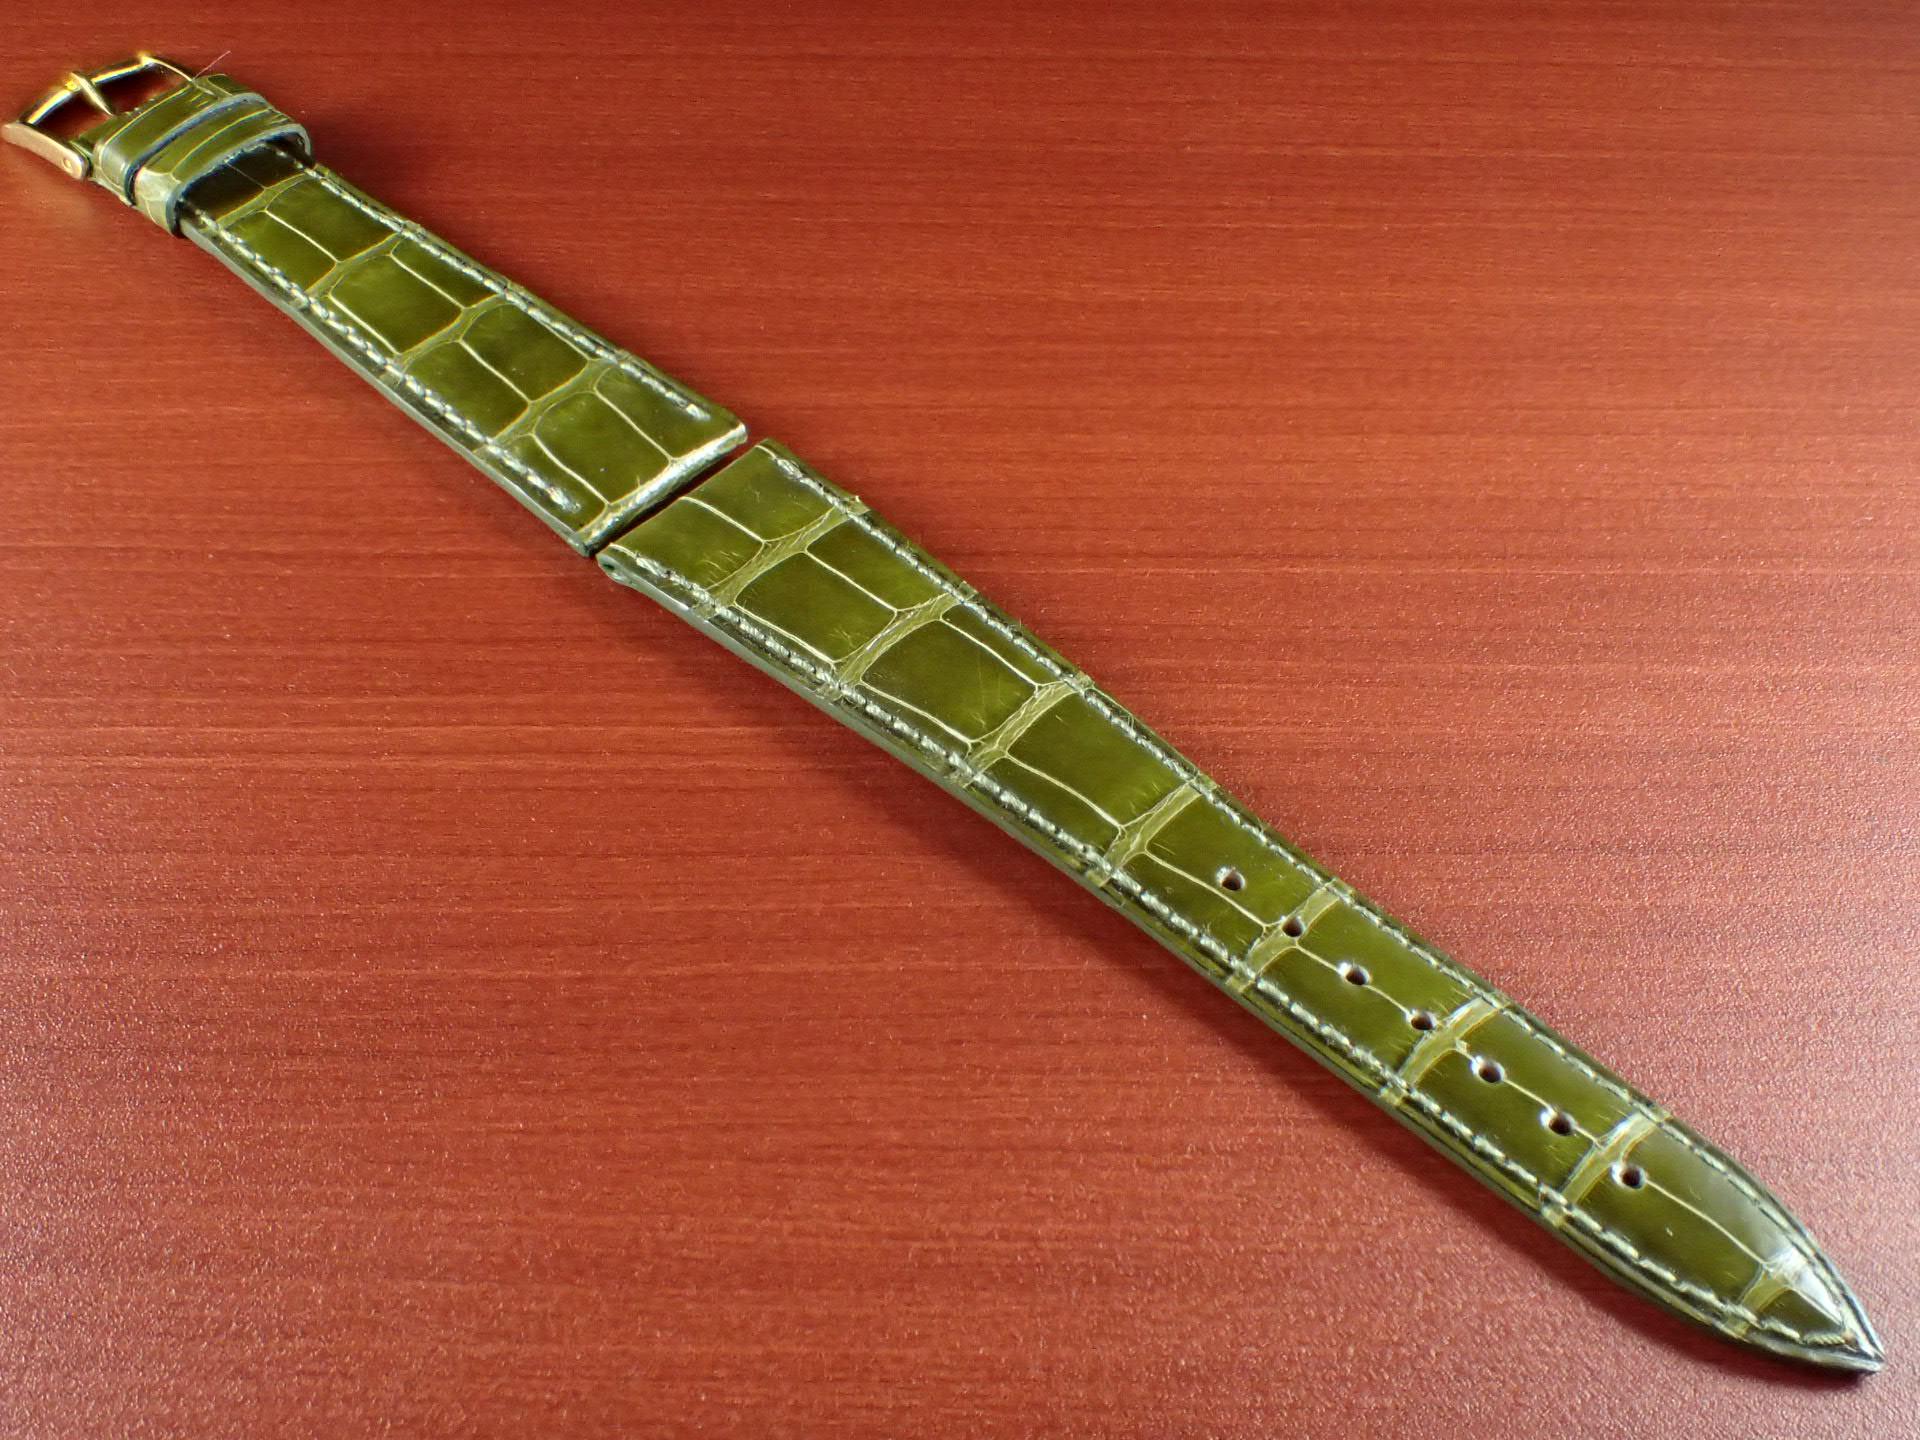 ジャン・クロード ペラン革ベルト(オールドペラン)クロコダイル ライトグリーン 19mmのメイン写真